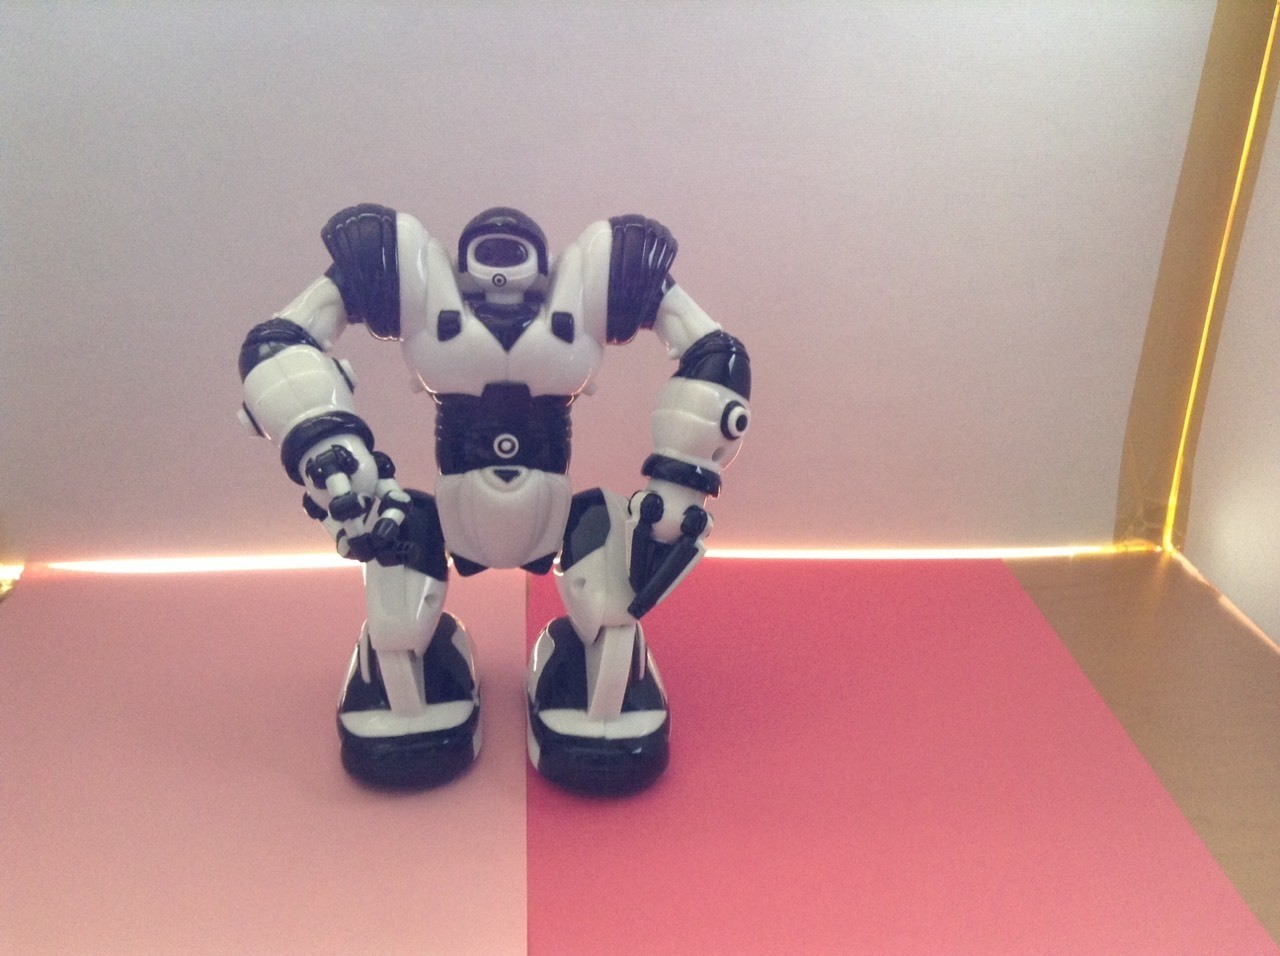 Los robots cada día están en nuestras vidas muy comúnmente, primero estarán como juguetes, después las películas de estos serán un reflejo de la realidad, ya hay juguetes que caminan solos, que vuelan, que nadan, que repiten lo que dicen las personas, que supuestamente comen y desechan su alimento solo falta unir todo esto.